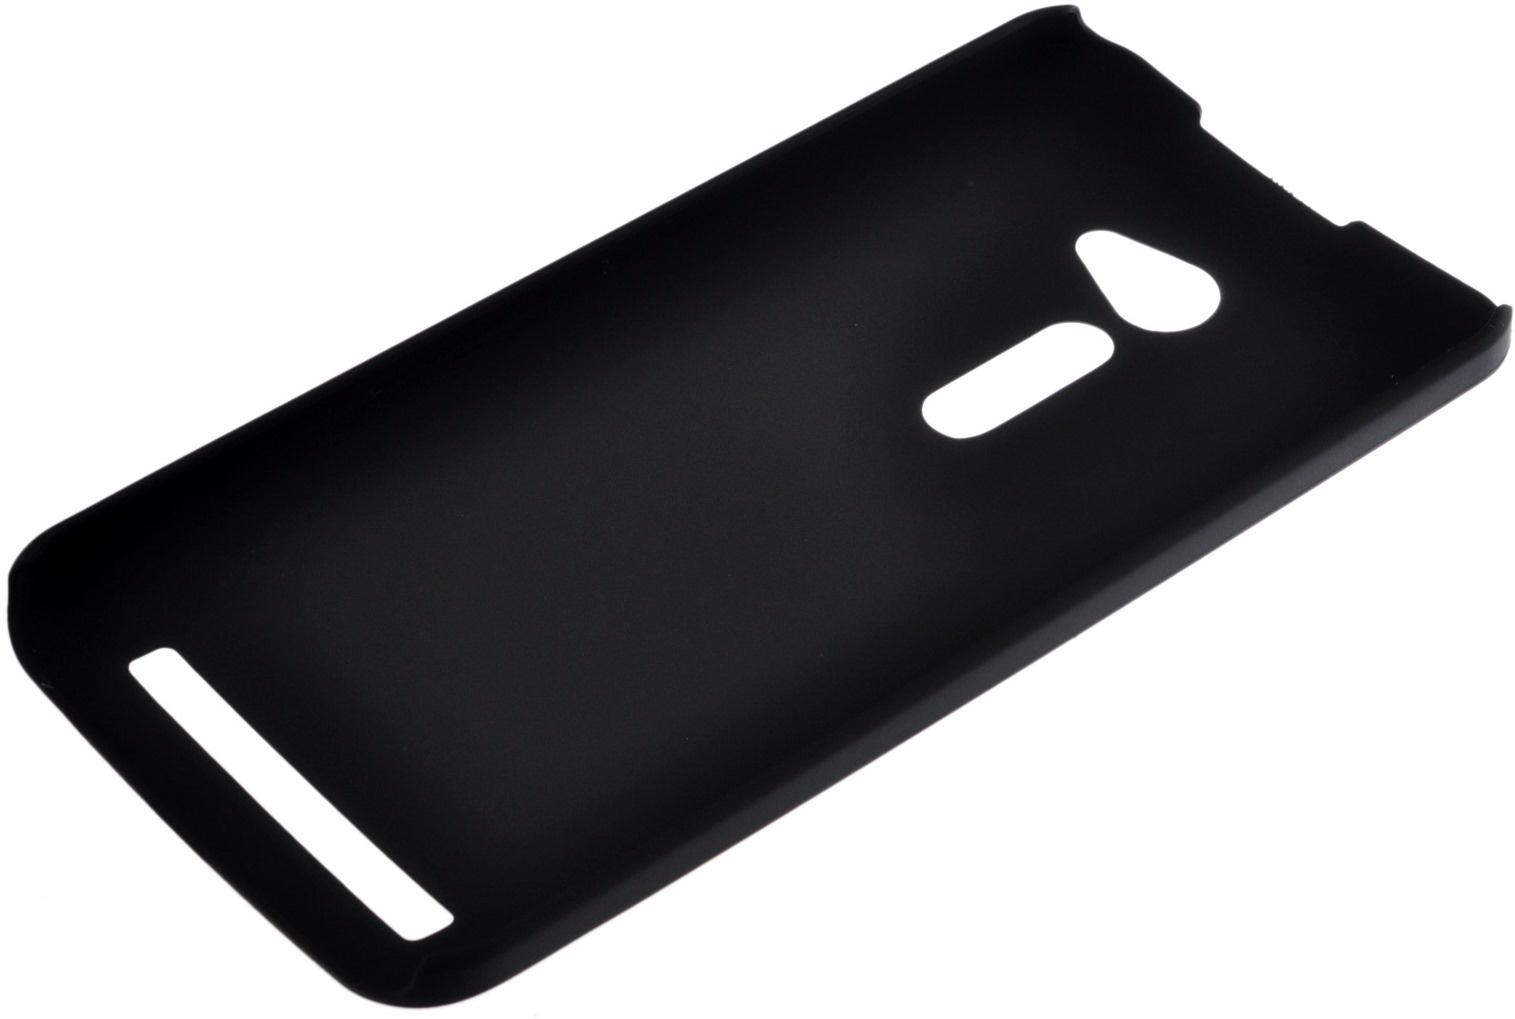 Чехол для сотового телефона skinBOX 4People, 4660041406917, черный цена 2017